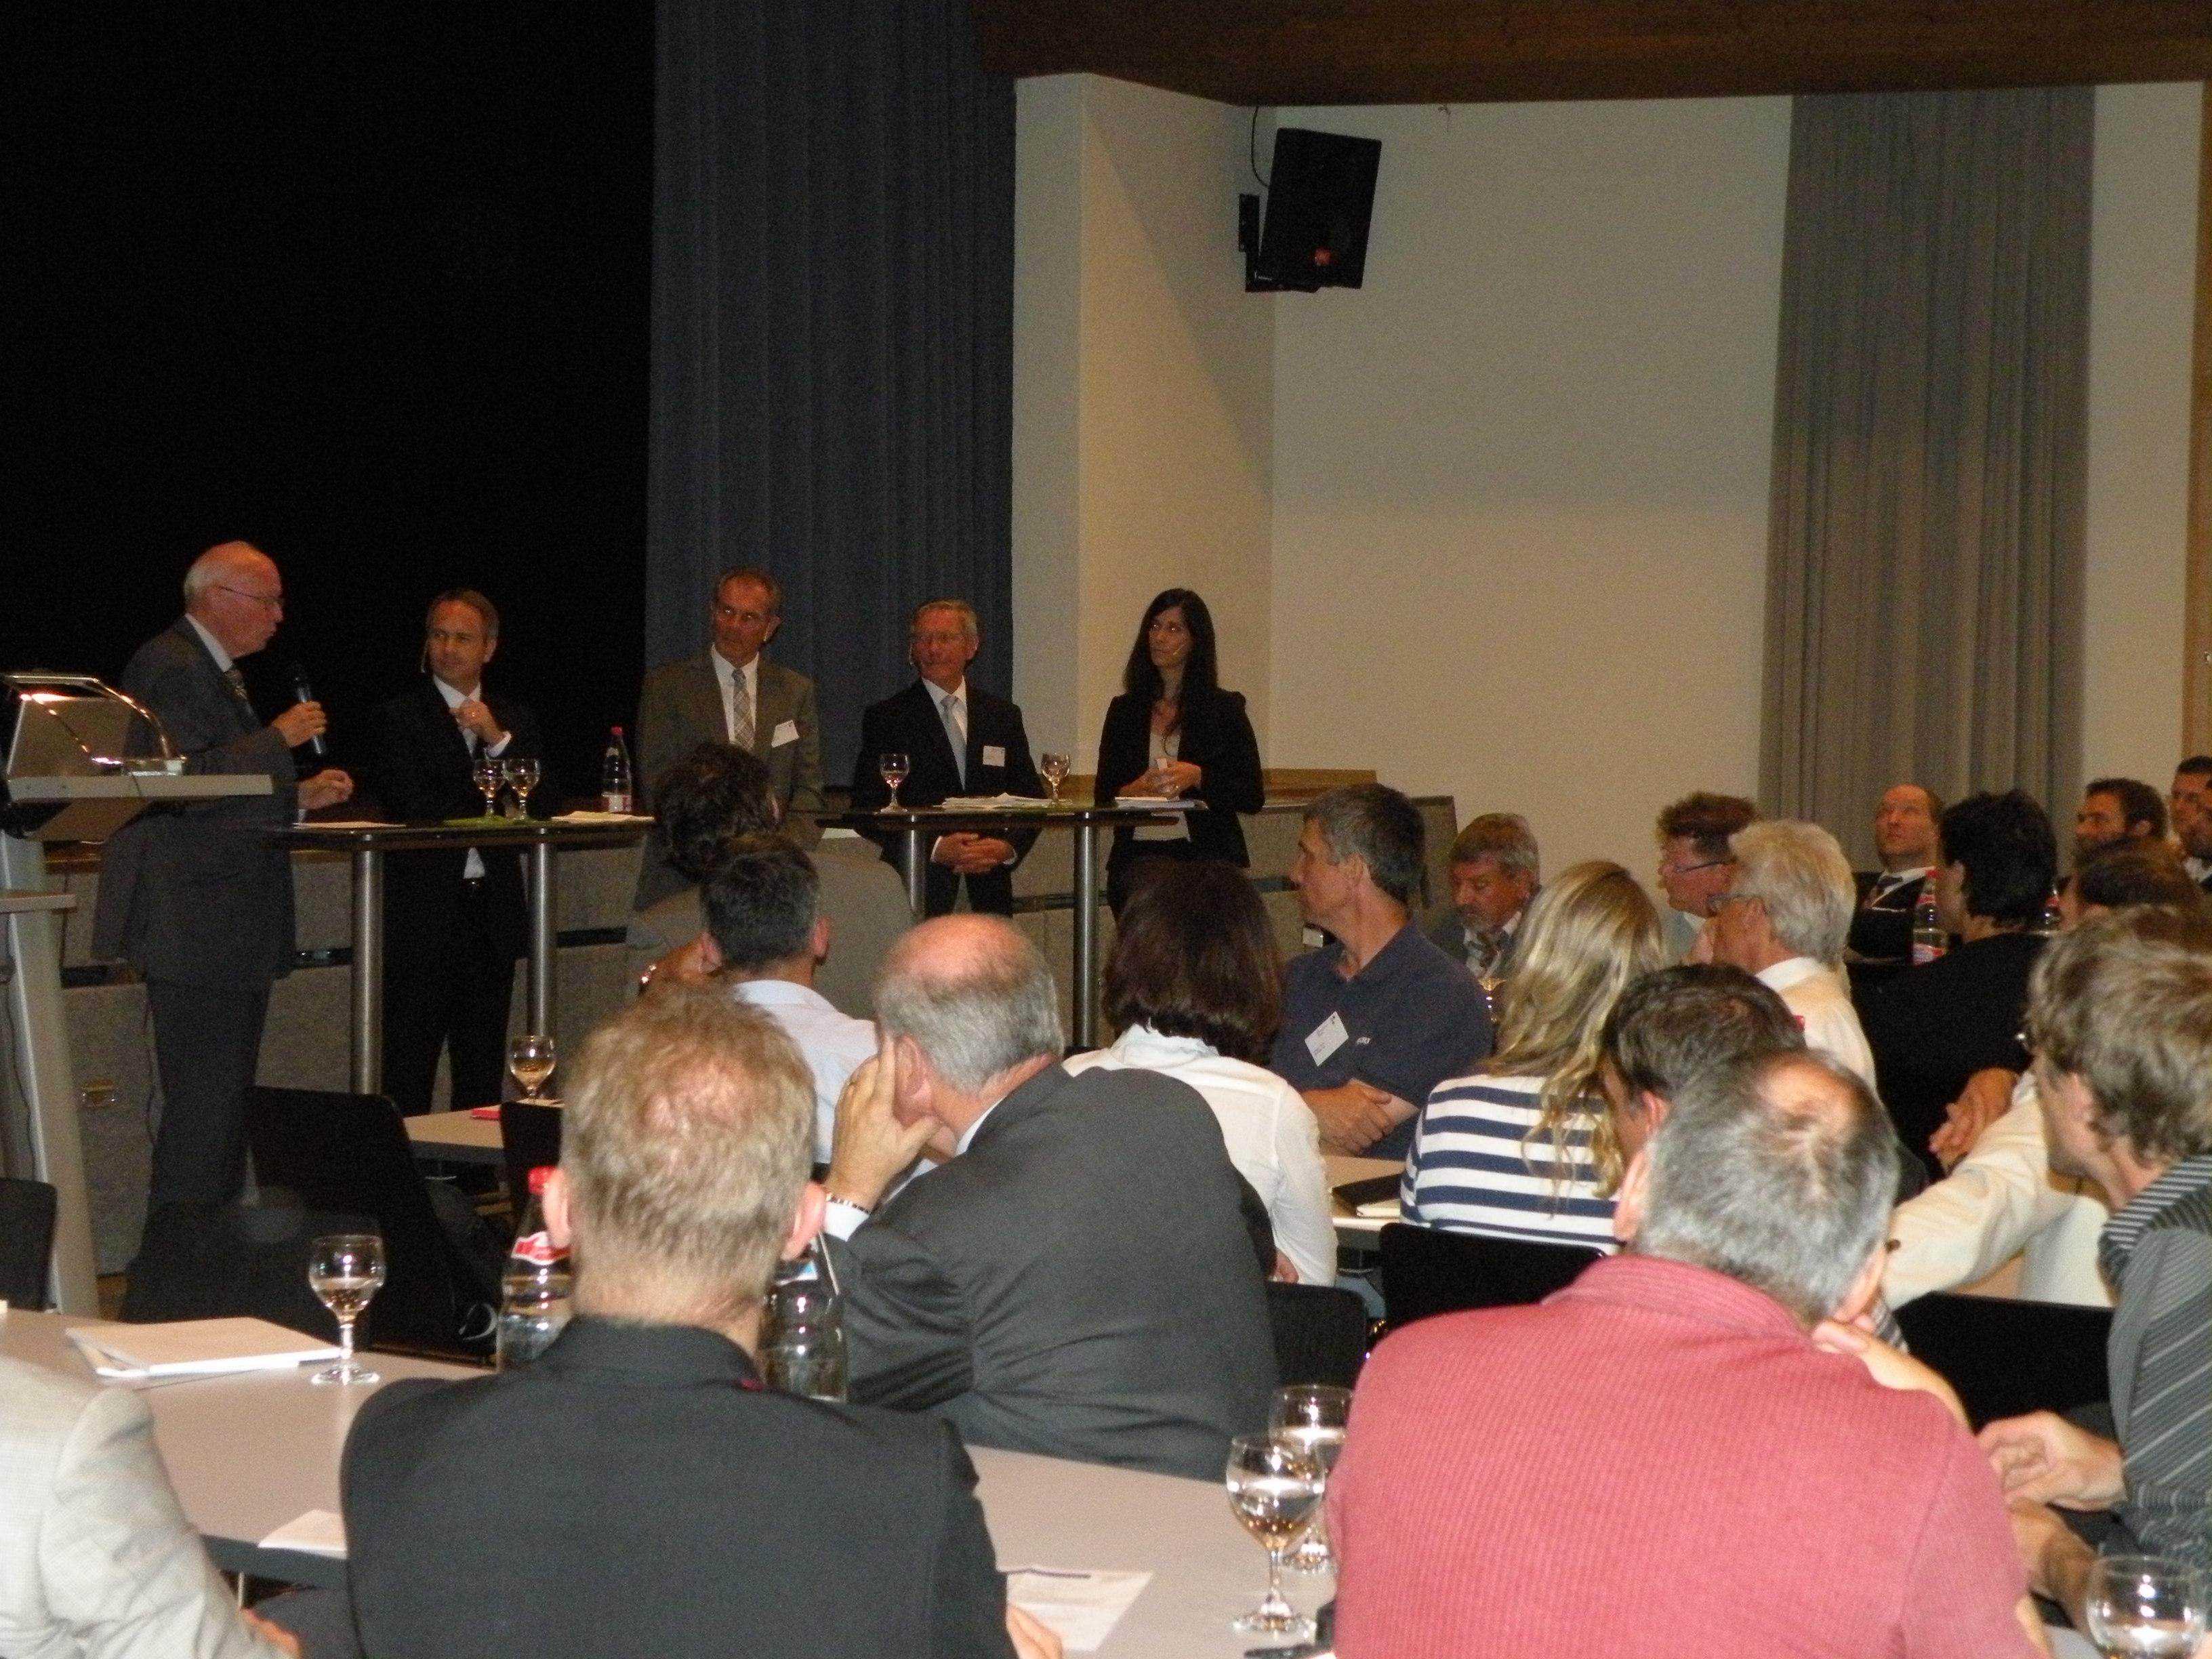 Avenir Suisse Anlässe 8. Juni 2011 Podiumsdiskussion zur Zukunft der Lehre in Widnau